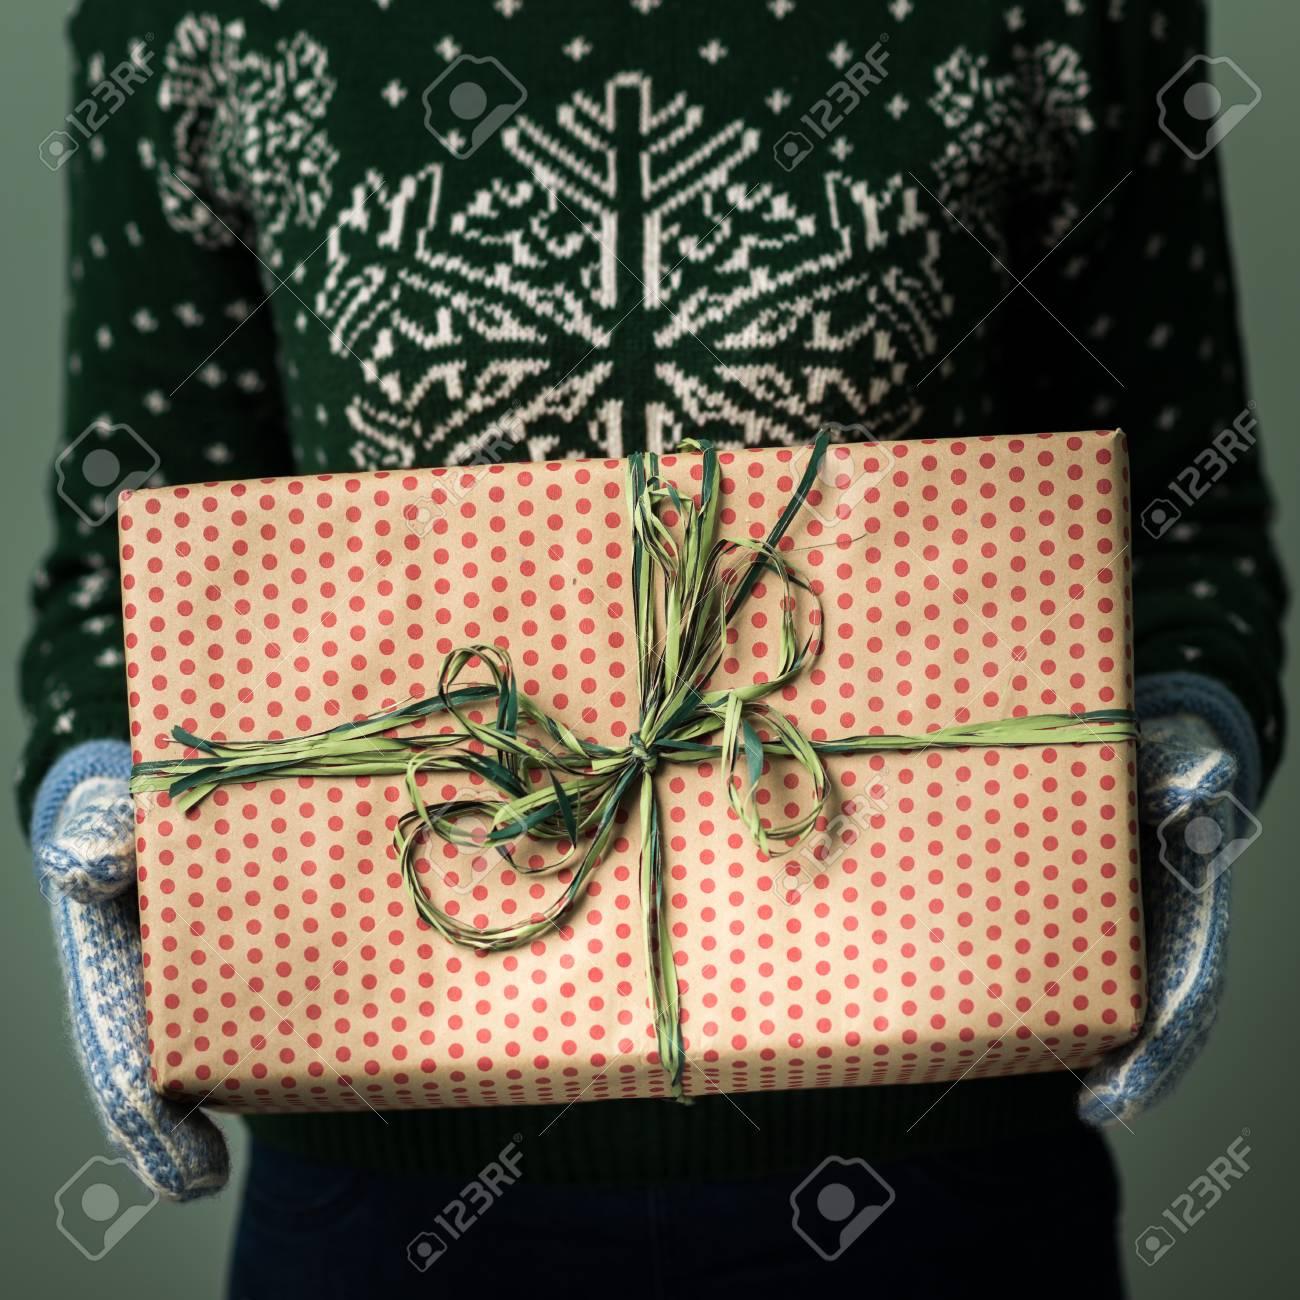 Weihnachtsgeschenk Weihnachten.Stock Photo